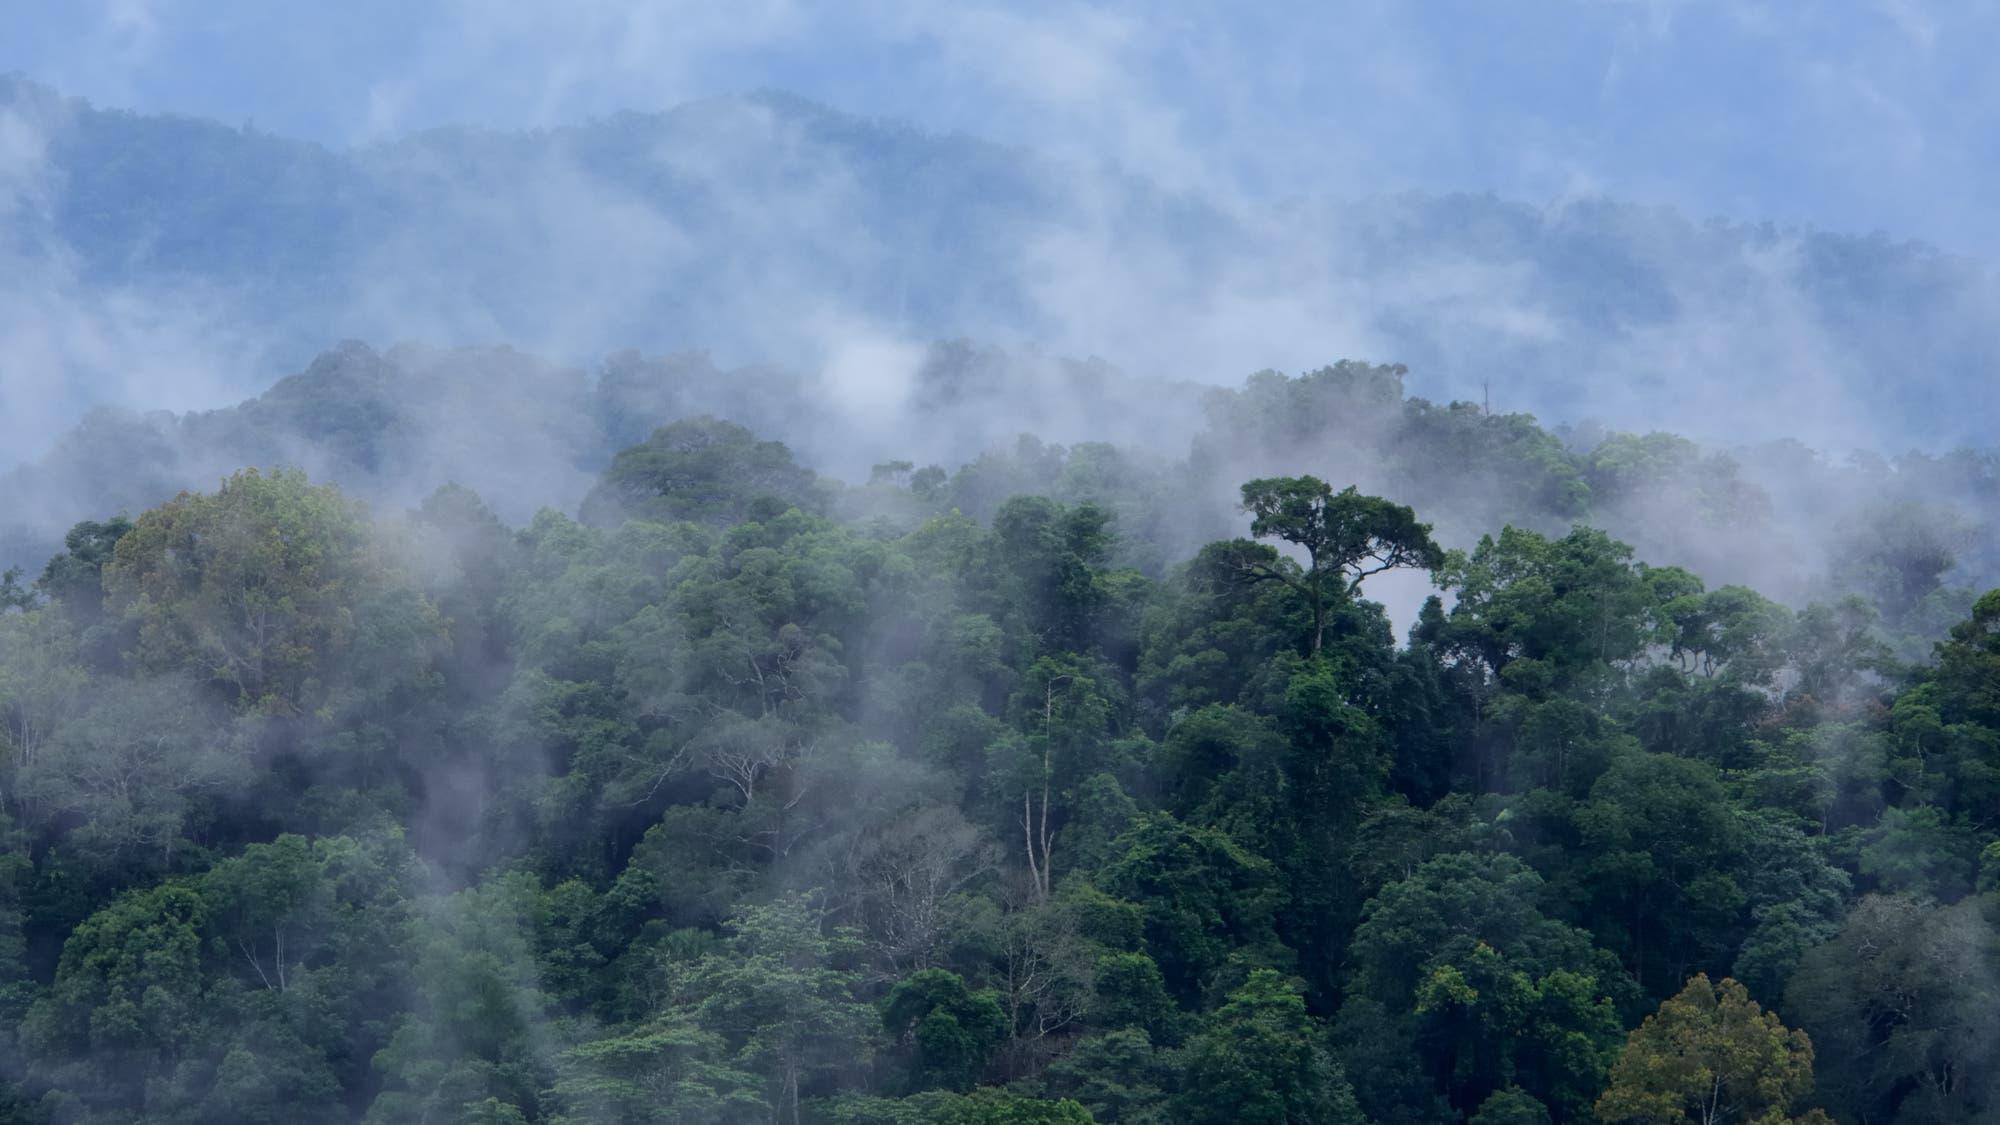 Dampfender Regenwald